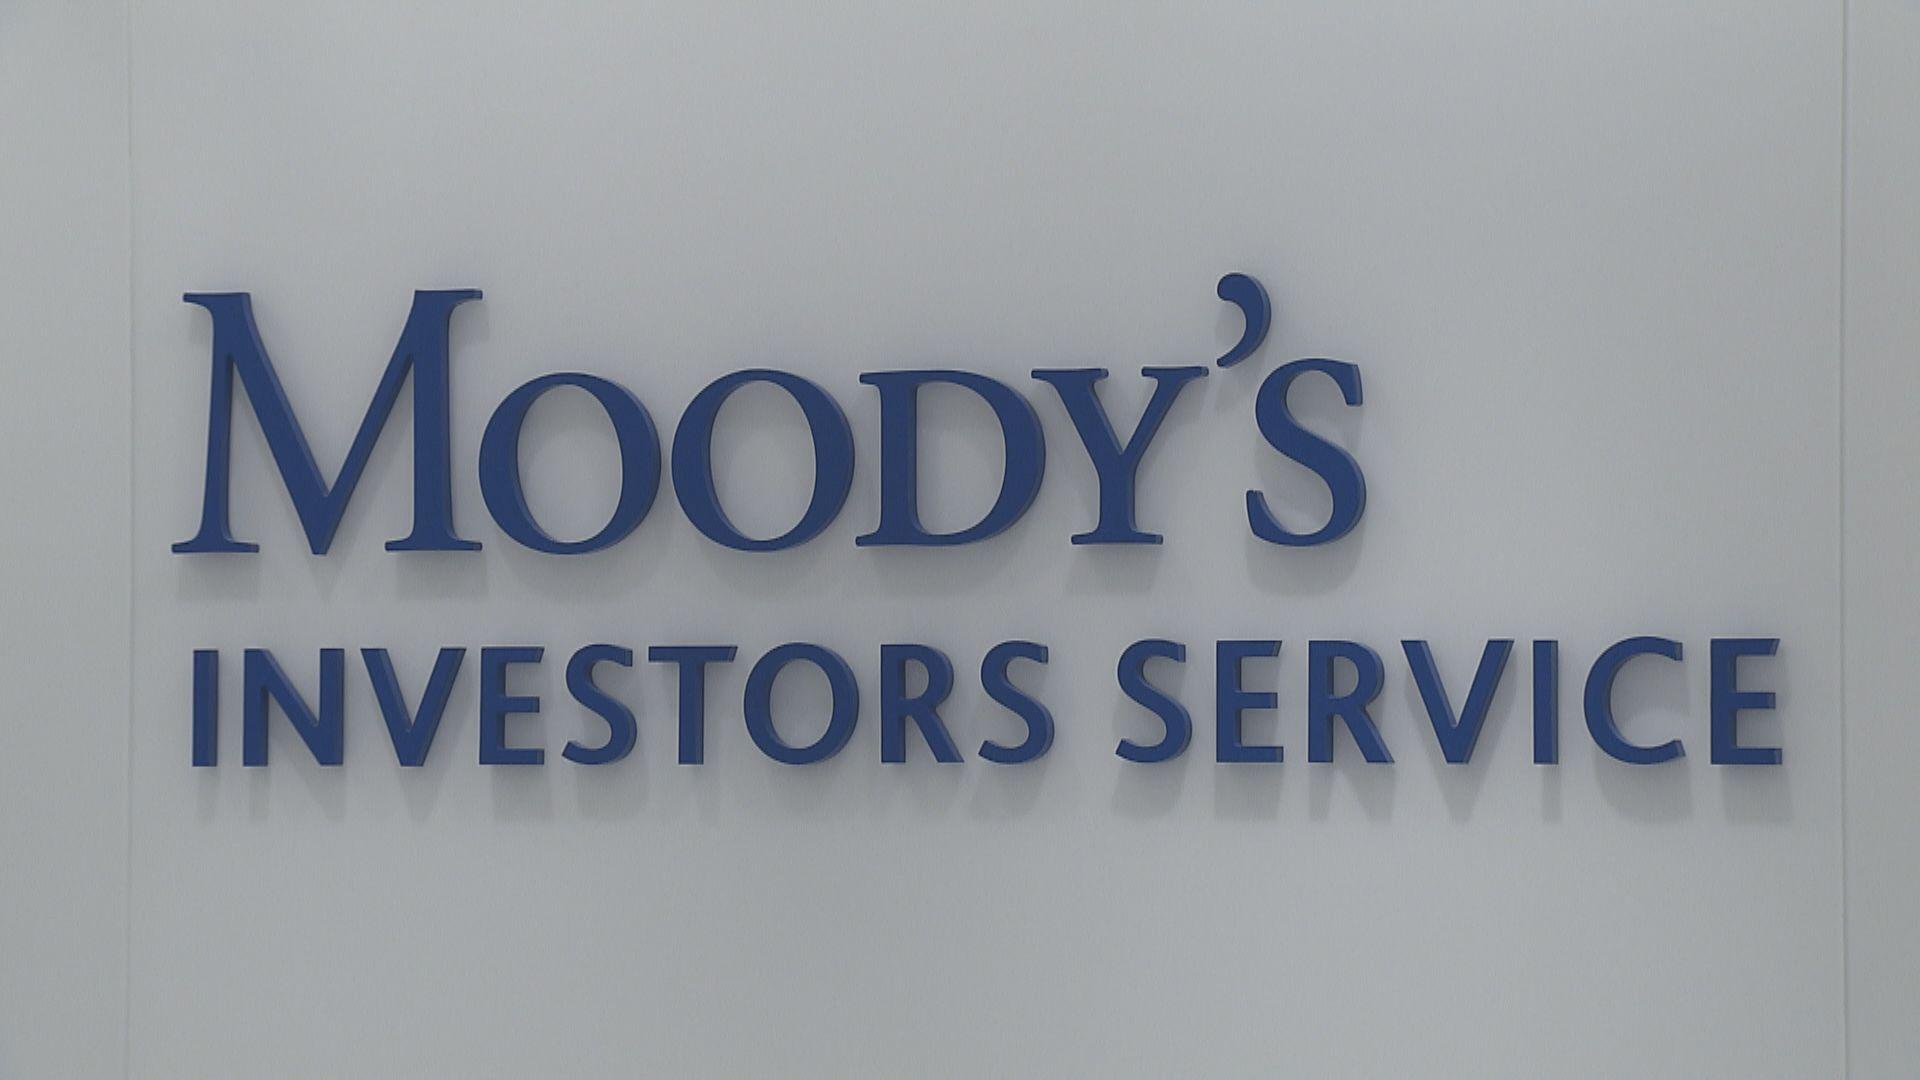 【陸續有來?】穆迪降香港信貸評級展望至「負面」